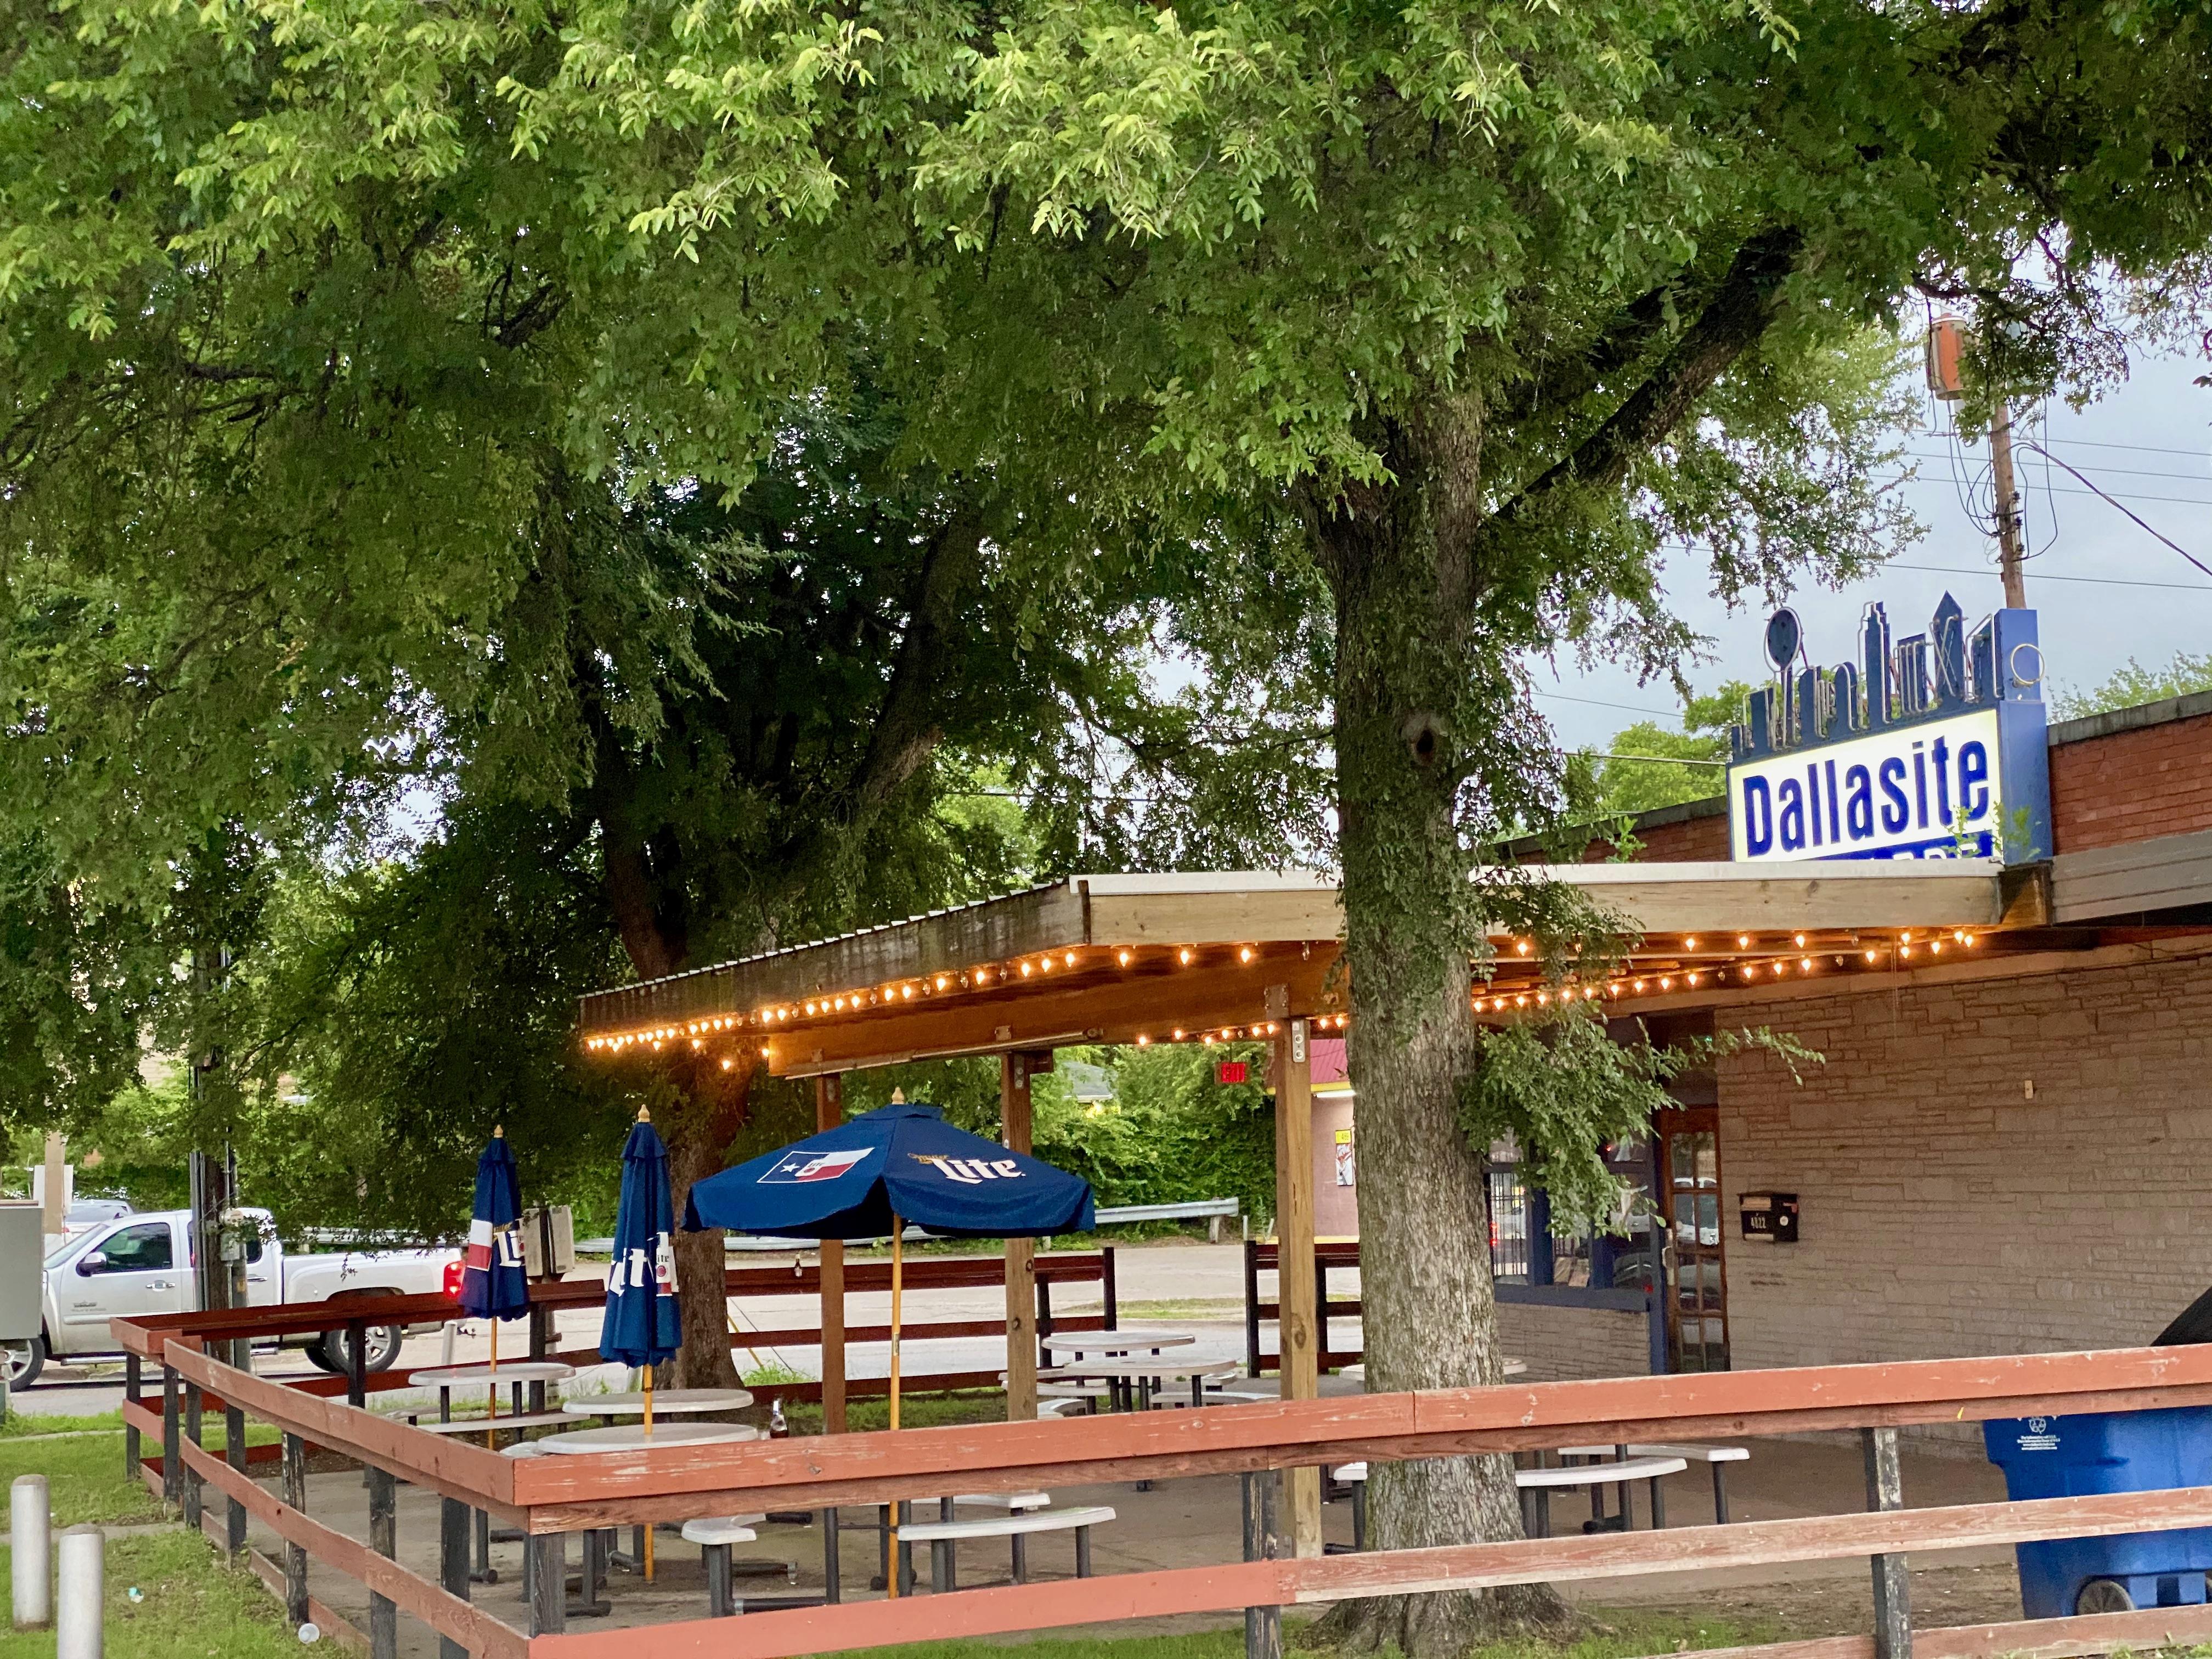 Dallasite Bar in Old East Dallas, TX